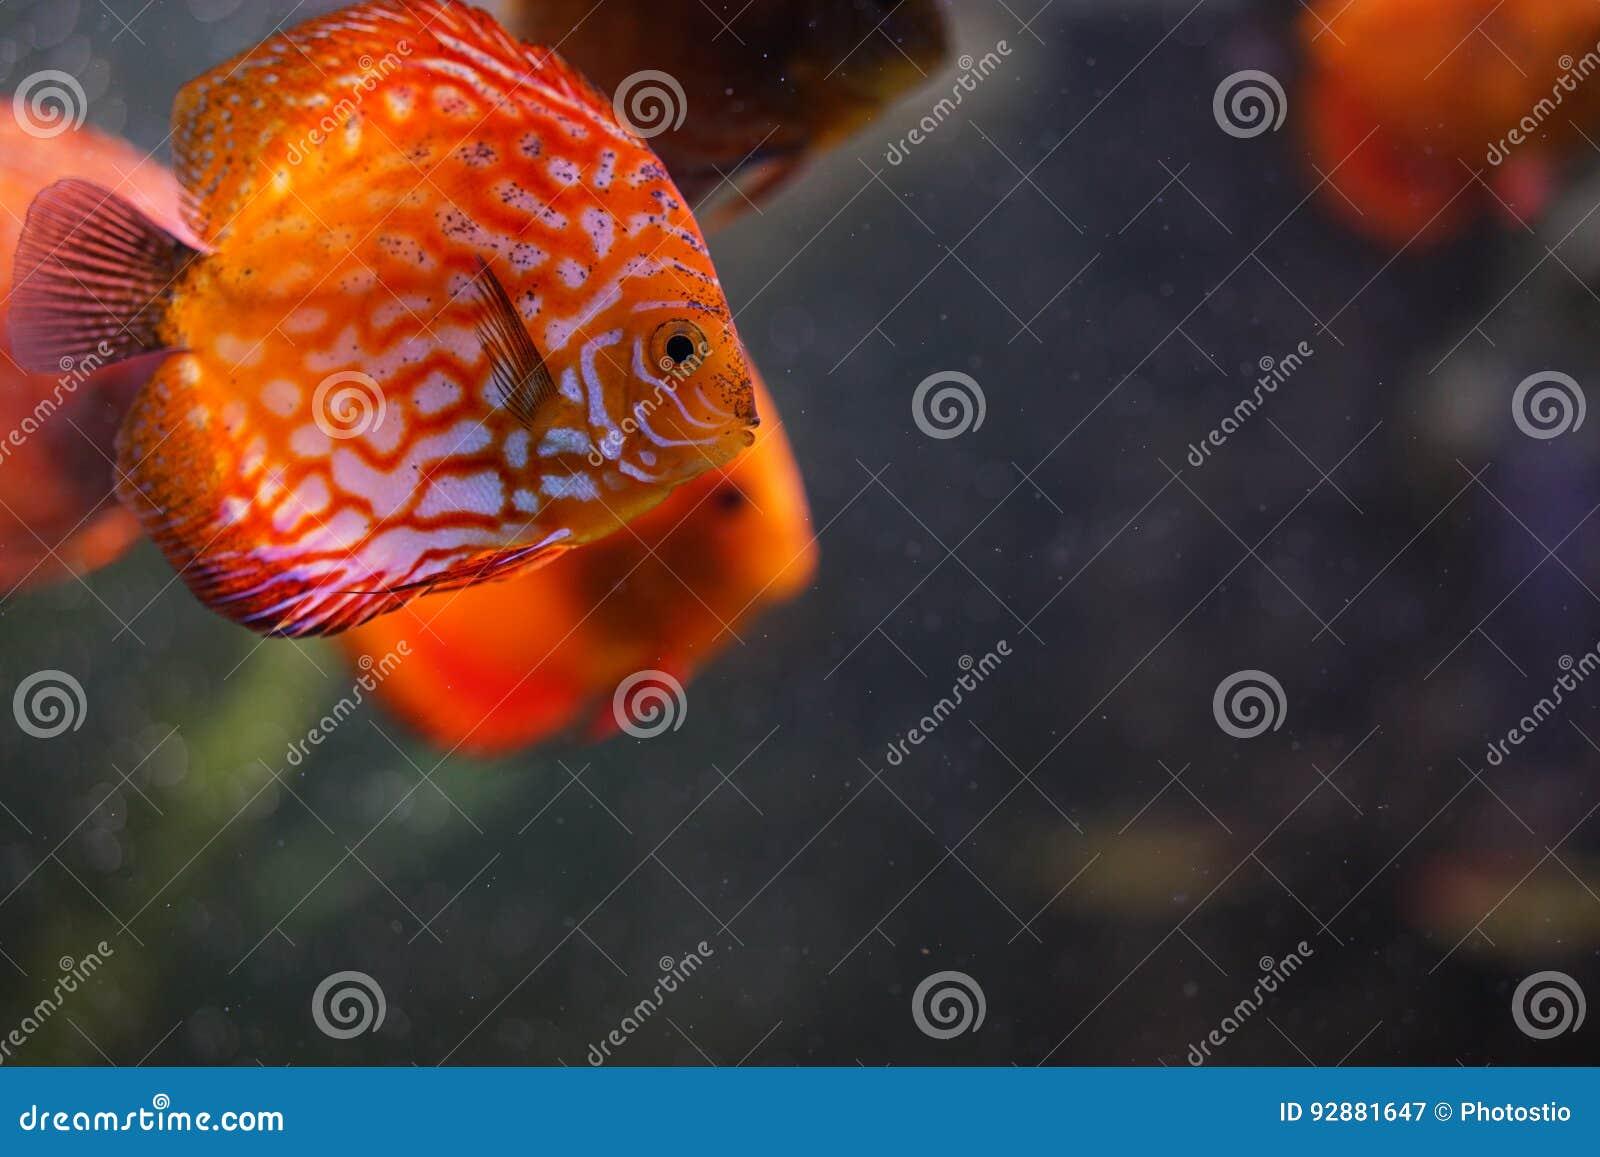 Discus fish in aquarium stock image. Image of orange - 92881647